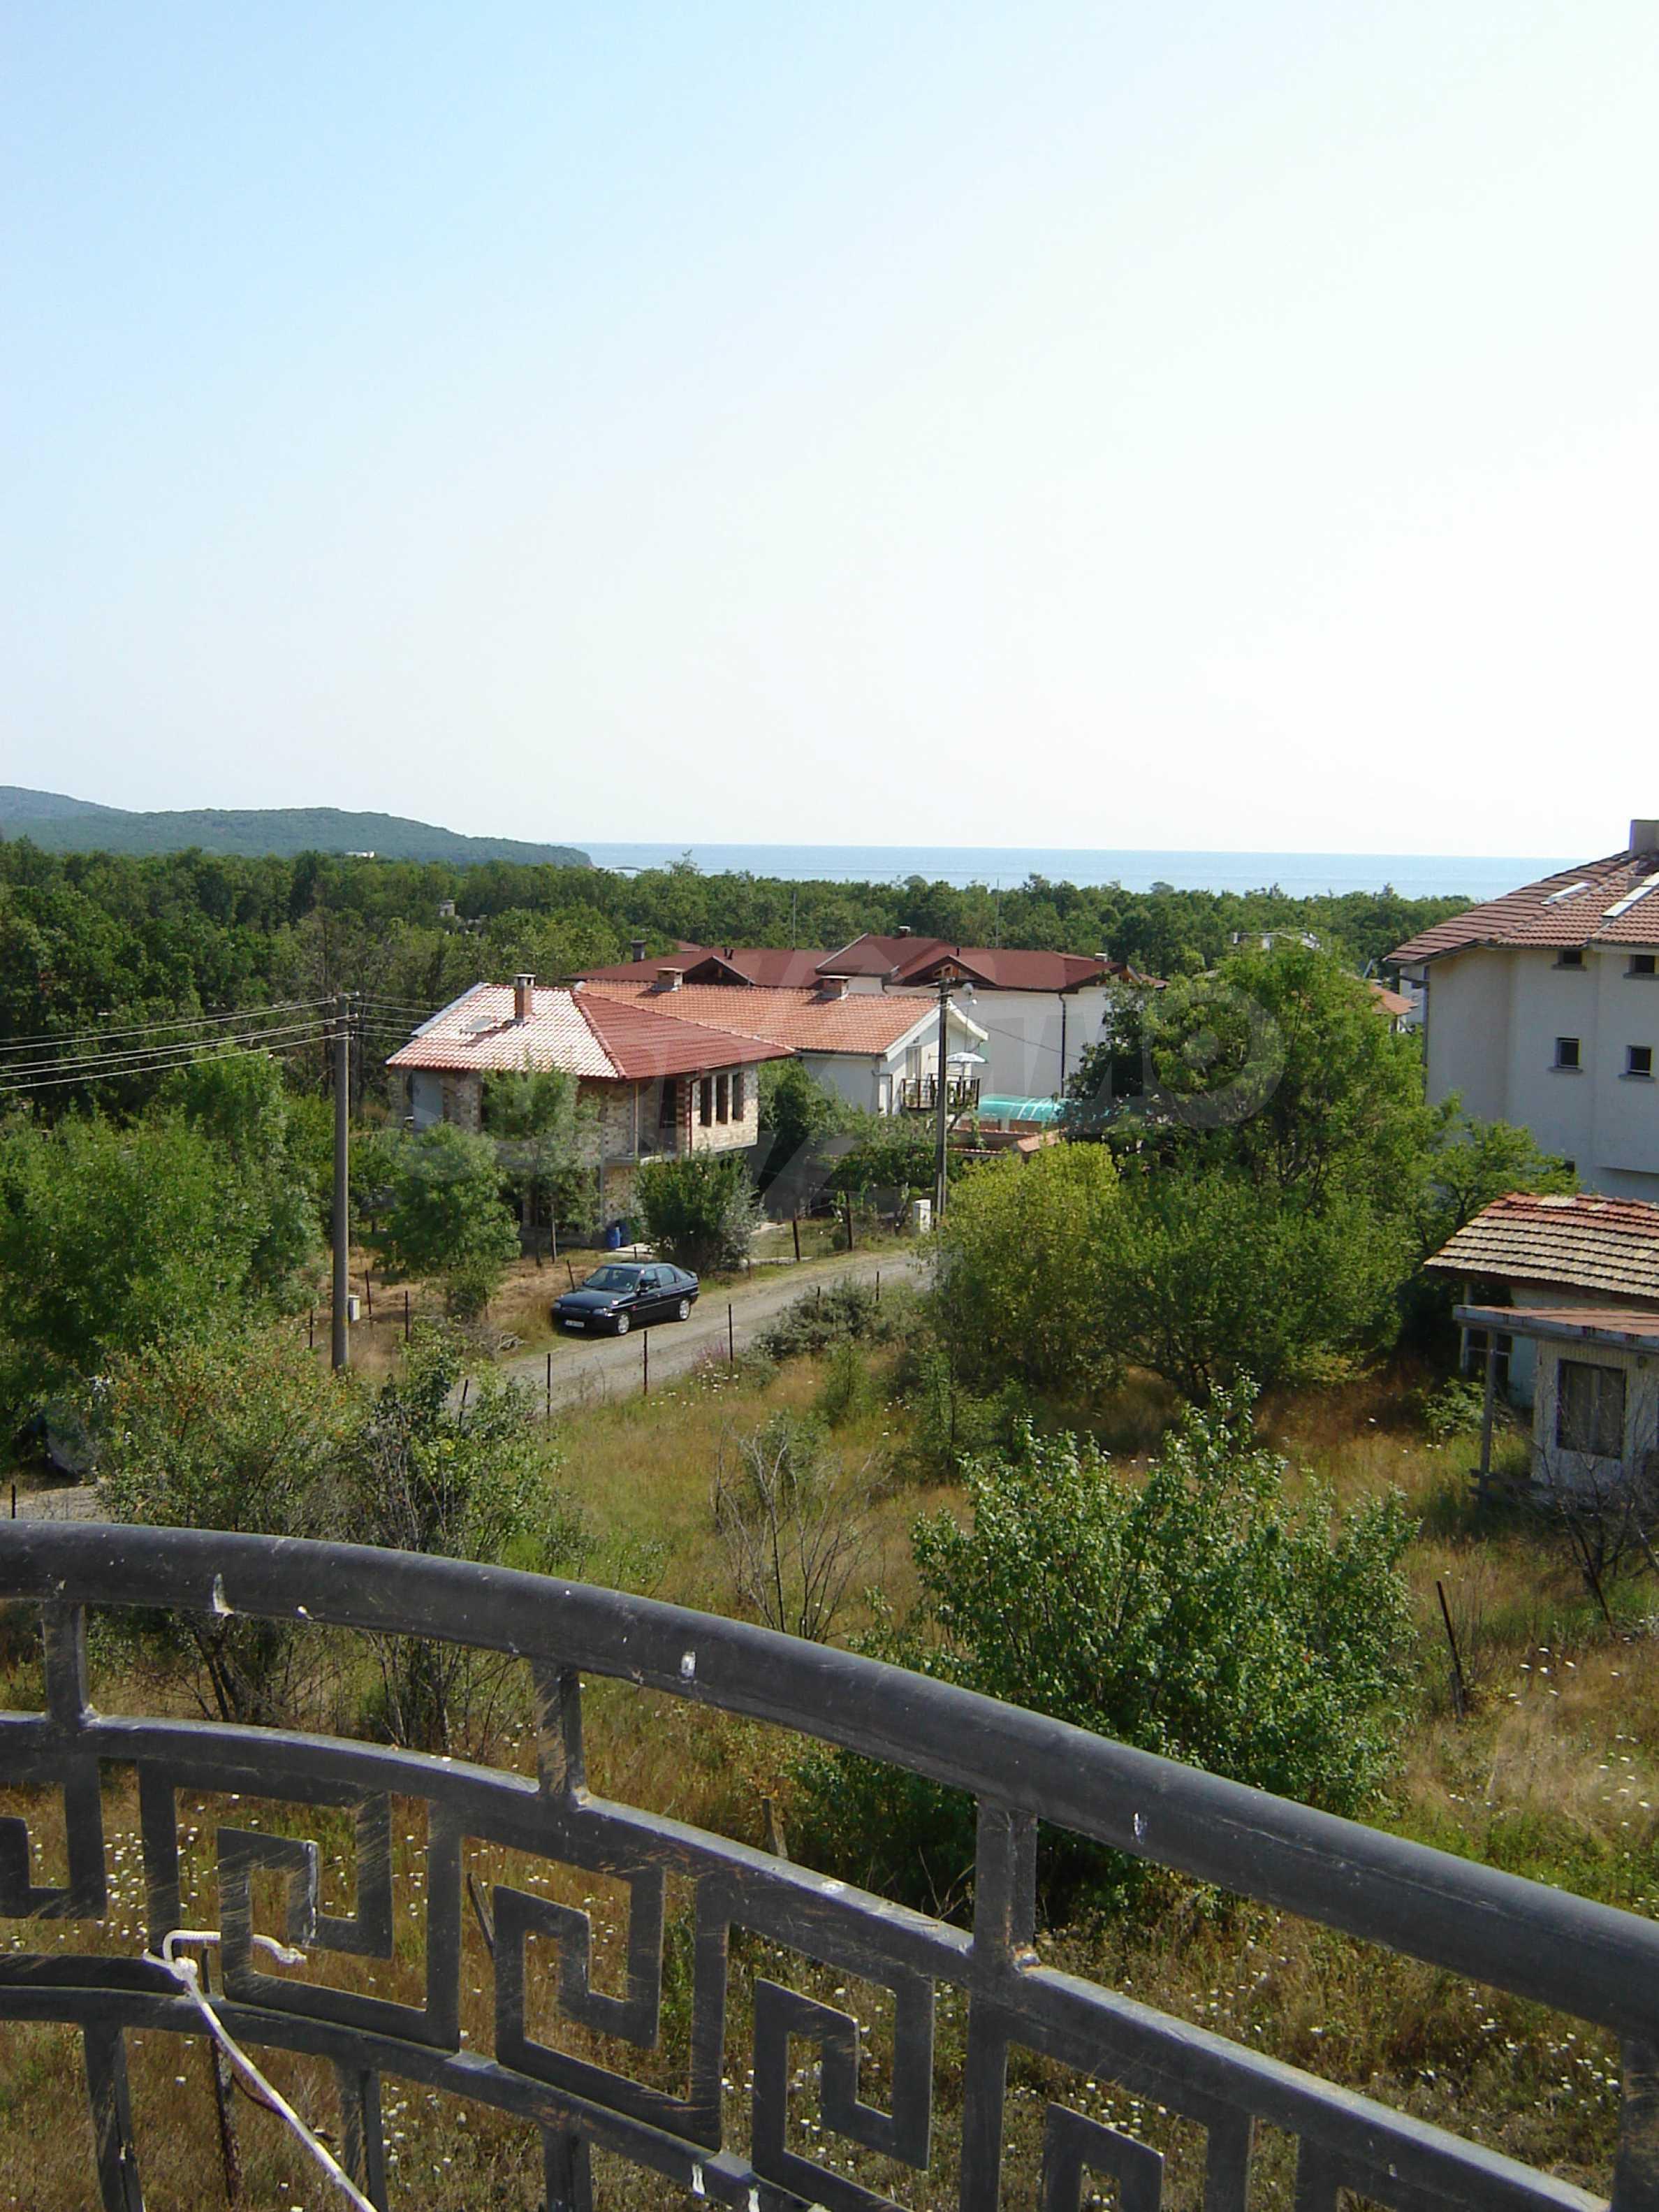 House of family hotel type for sale in Primorsko 26